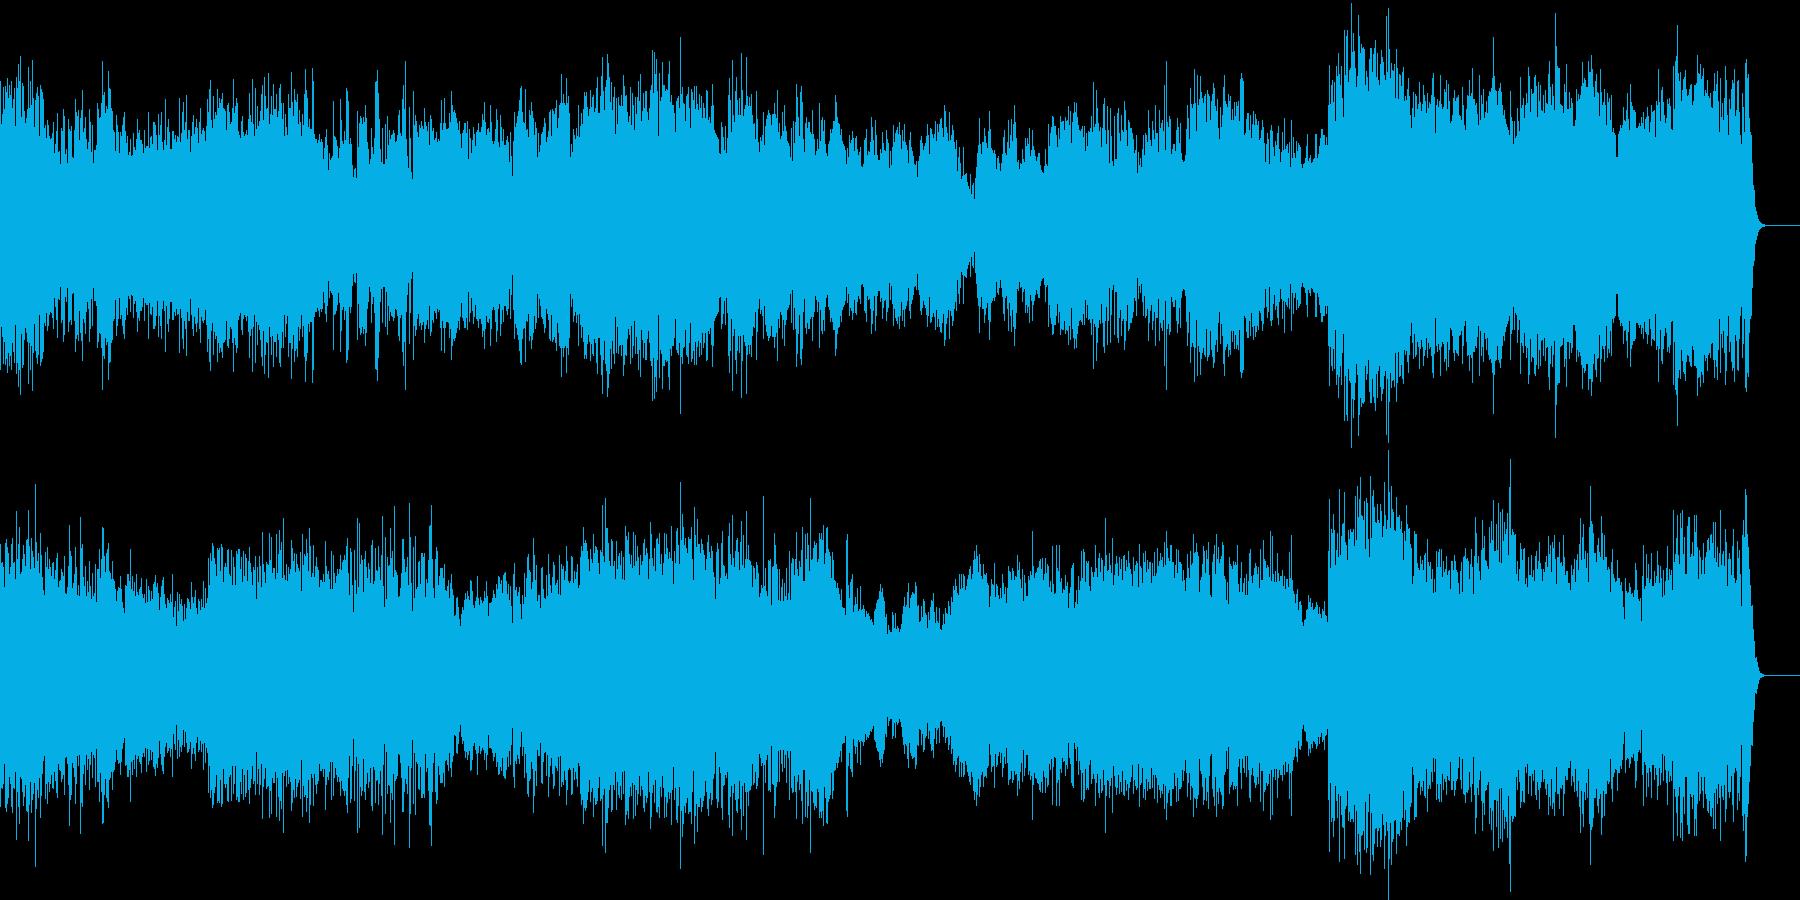 明るい吹奏楽の行進曲の再生済みの波形